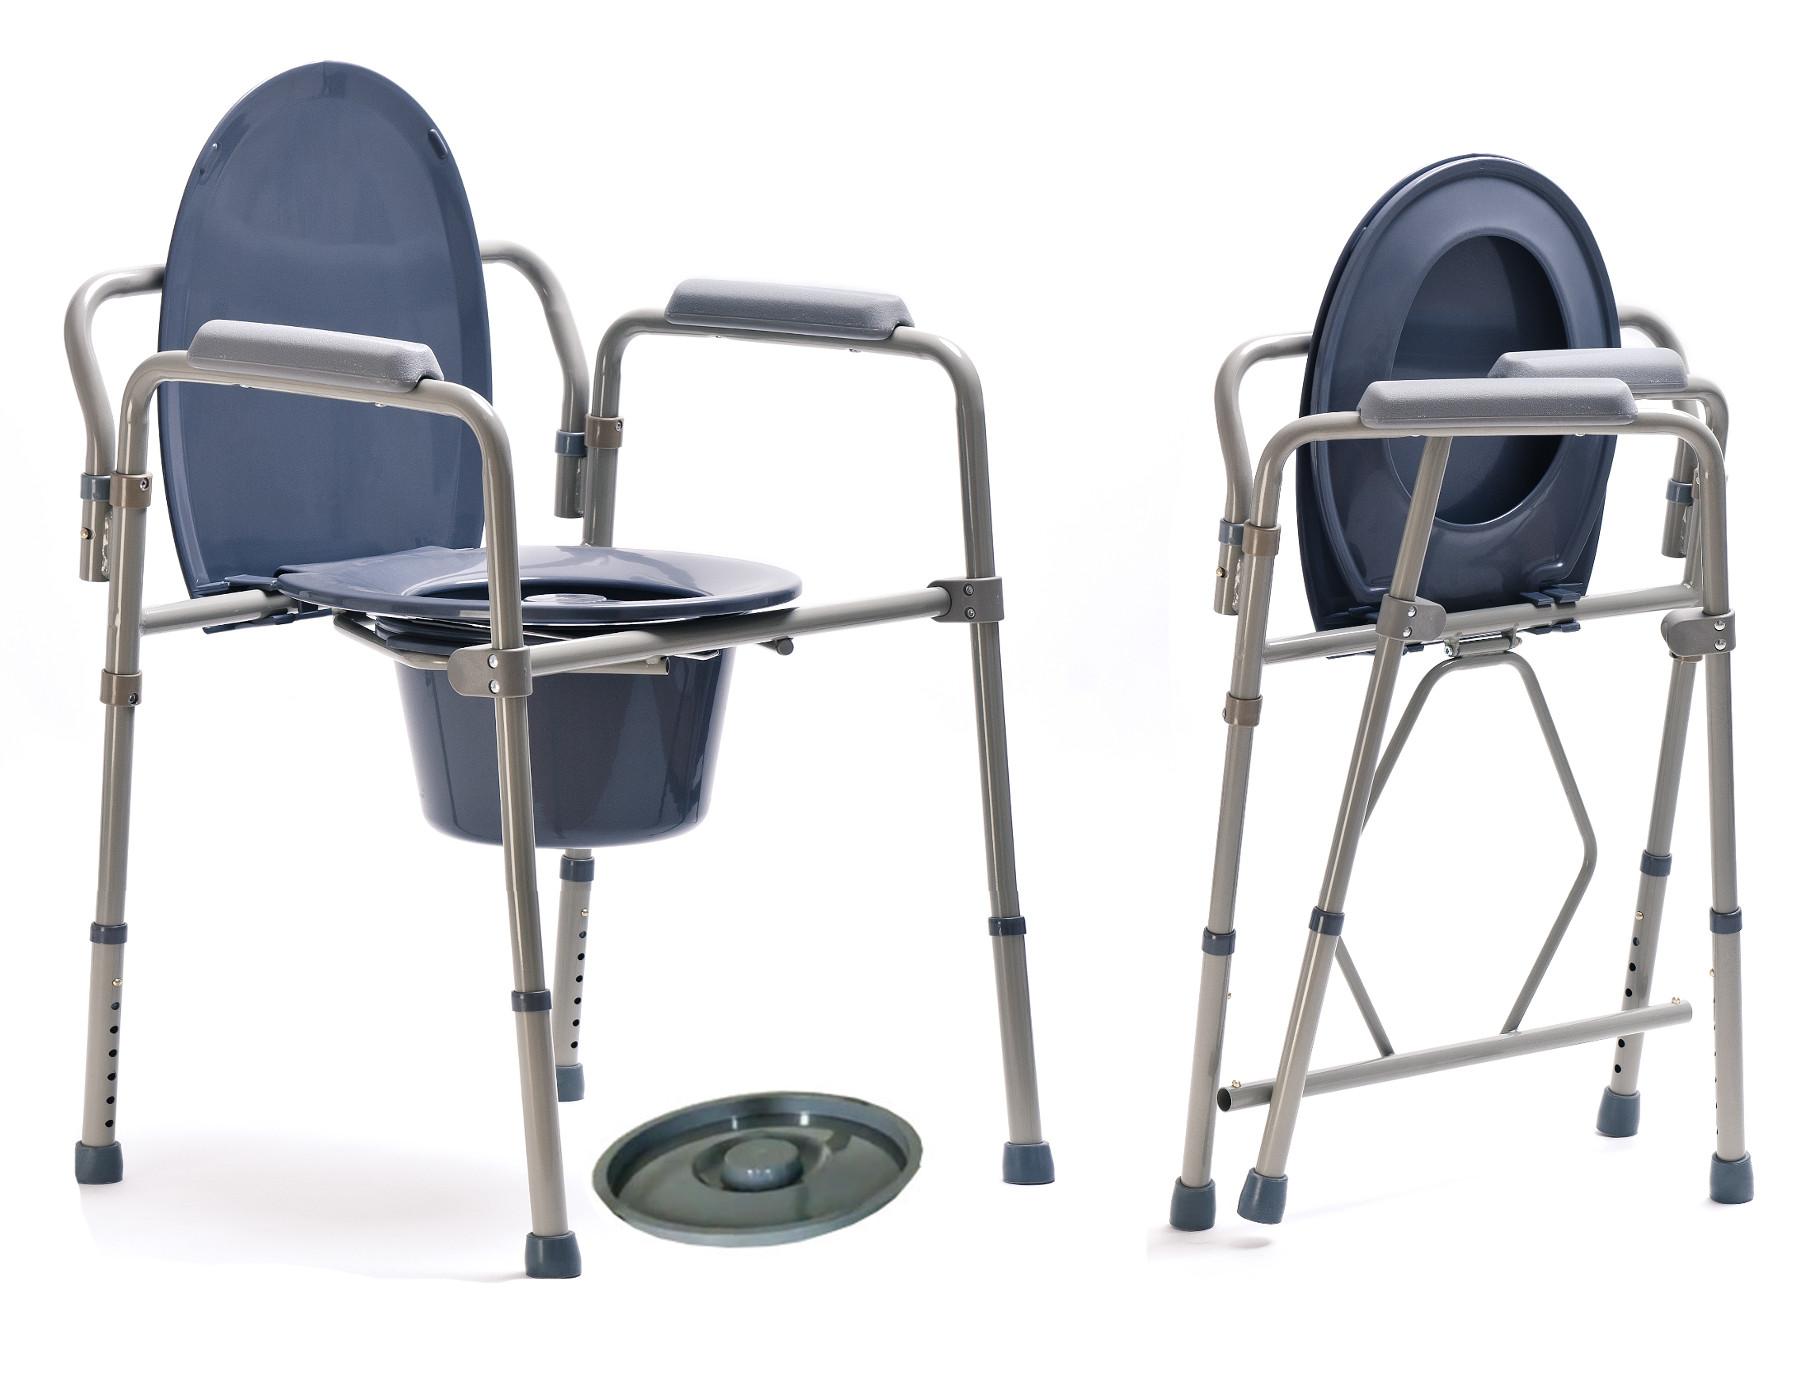 Cestovné príslušenstvo stoličky skladacie prenosné